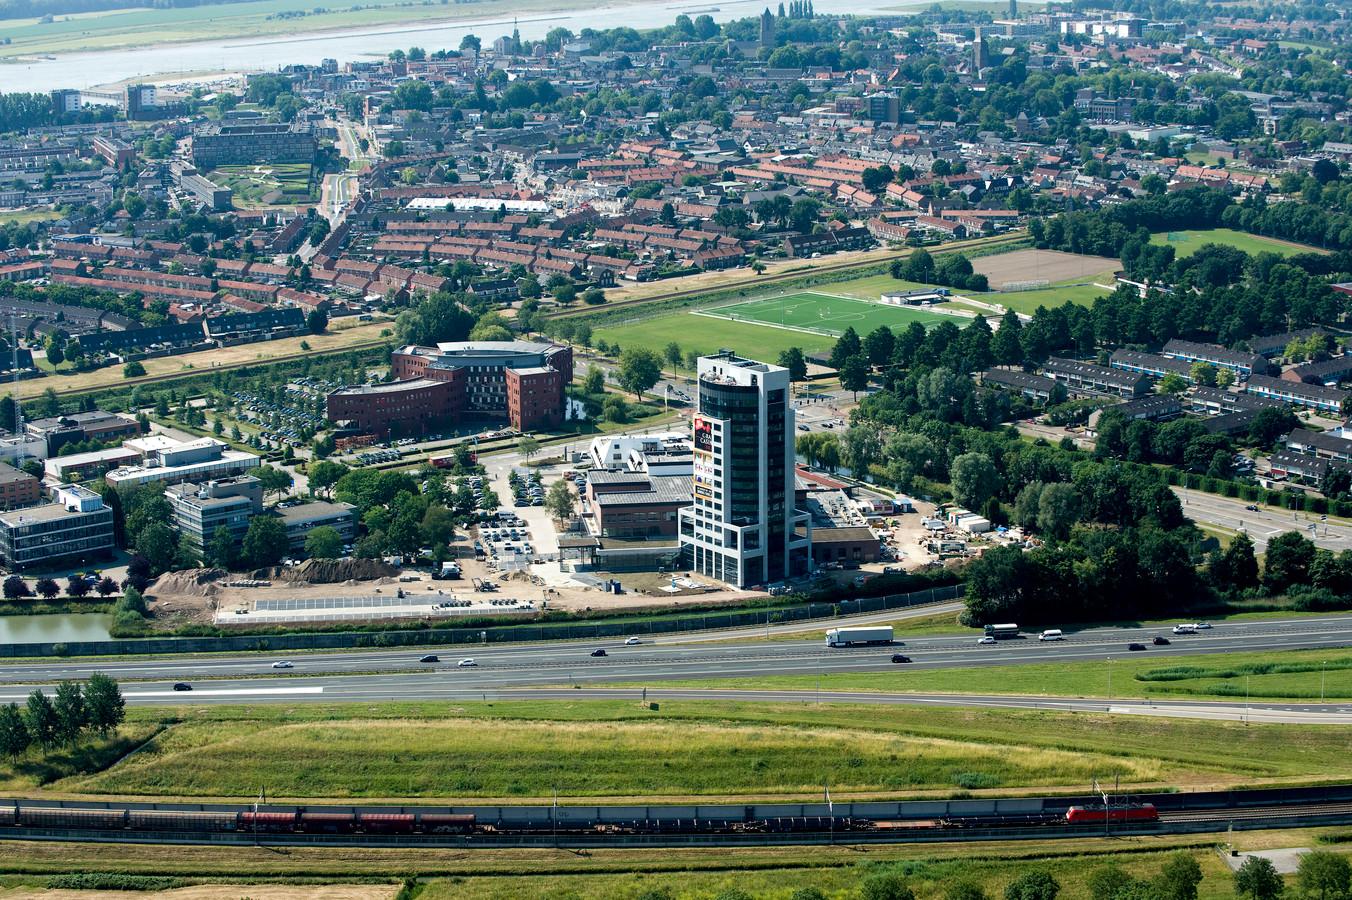 Hotel Van der Valk in Tiel.